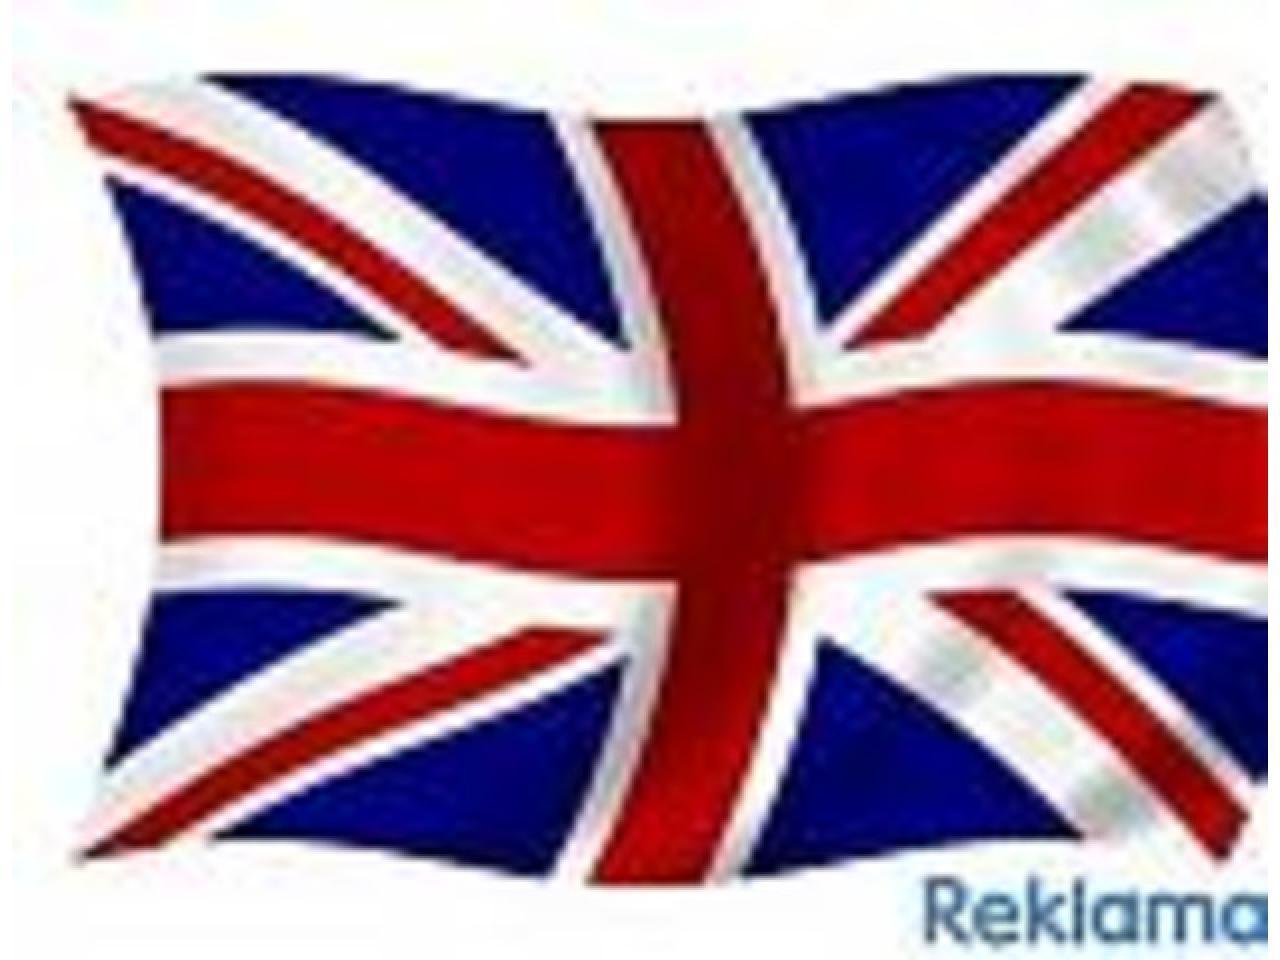 Еженедельно требуются работники в Лондоне на свободные вакансии в разных сферах. - 3